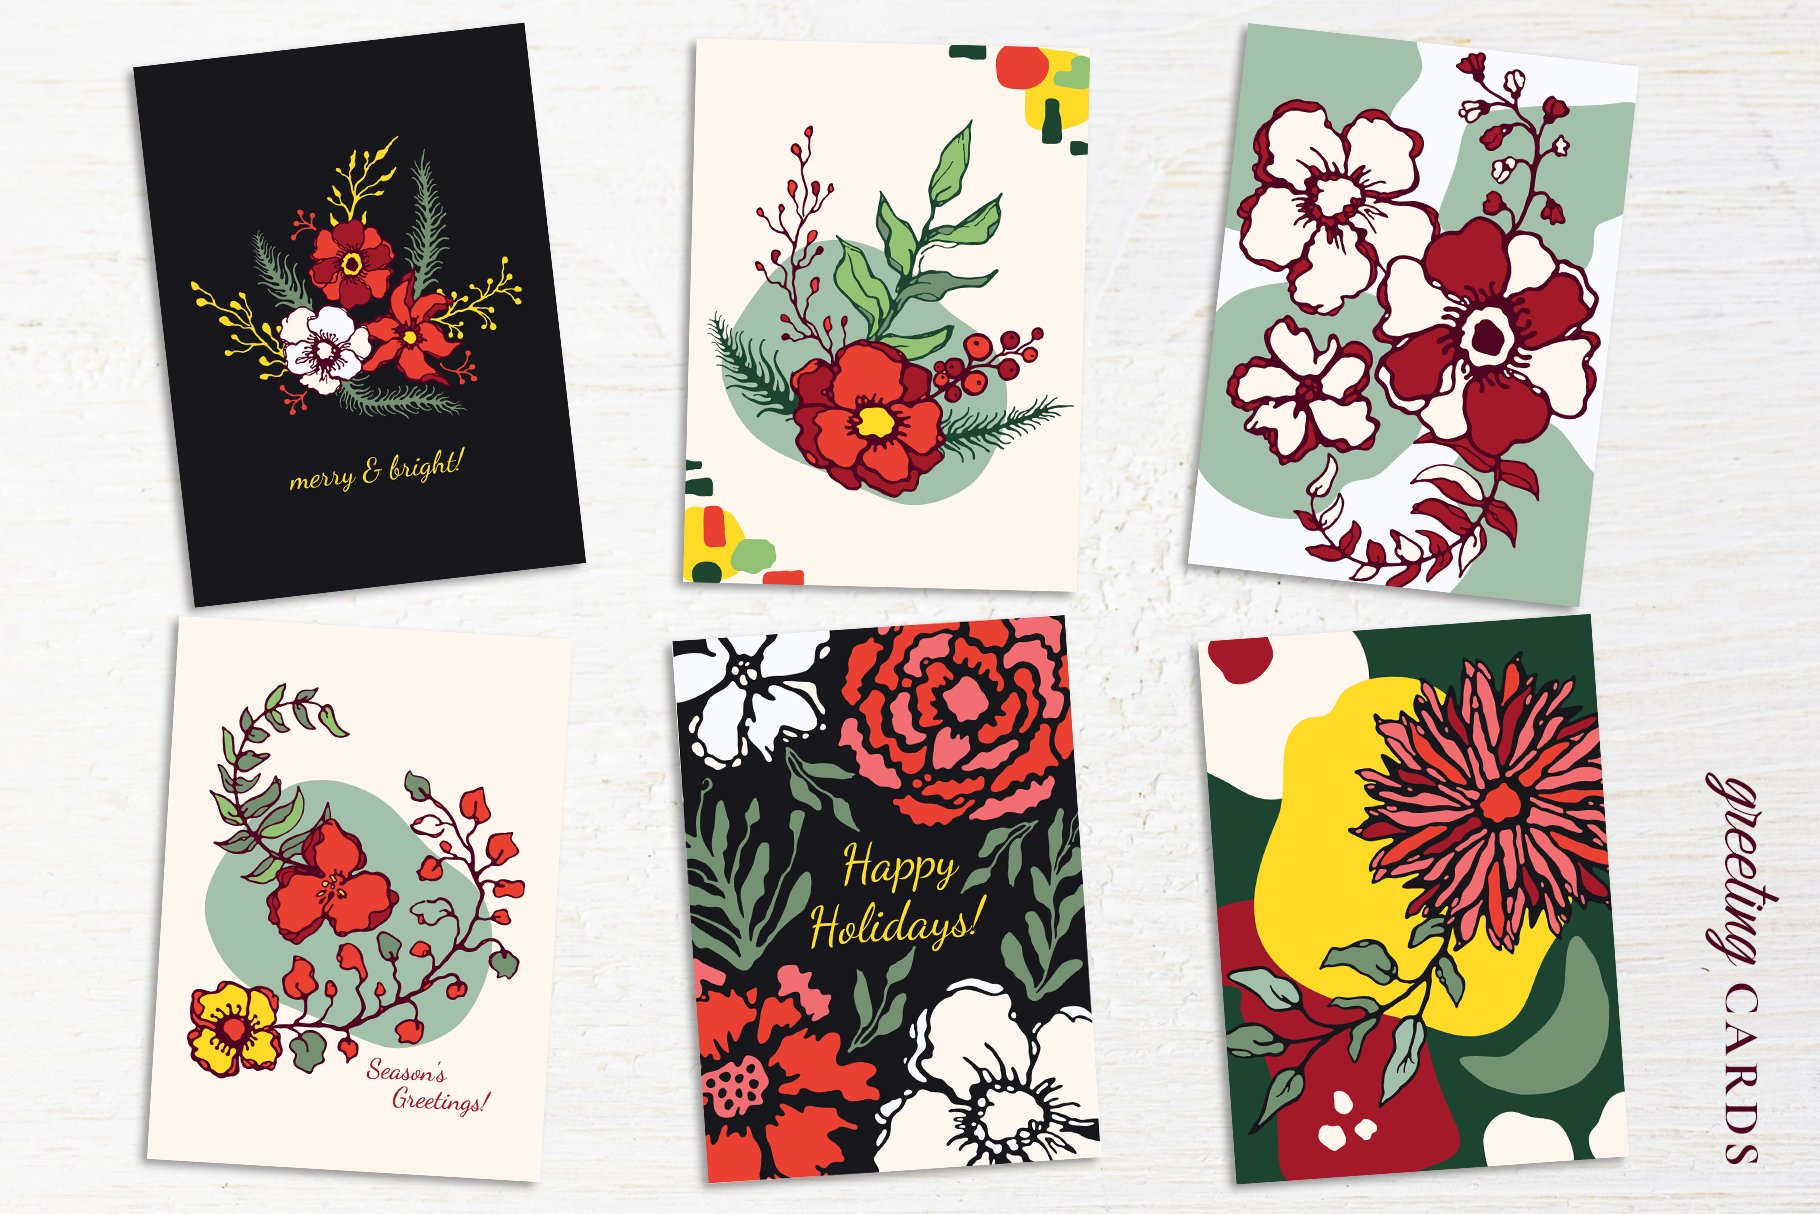 150多款时尚优雅花卉框架抽象形状手绘插画设计素材 Winter Floral Patterns & Elements插图18